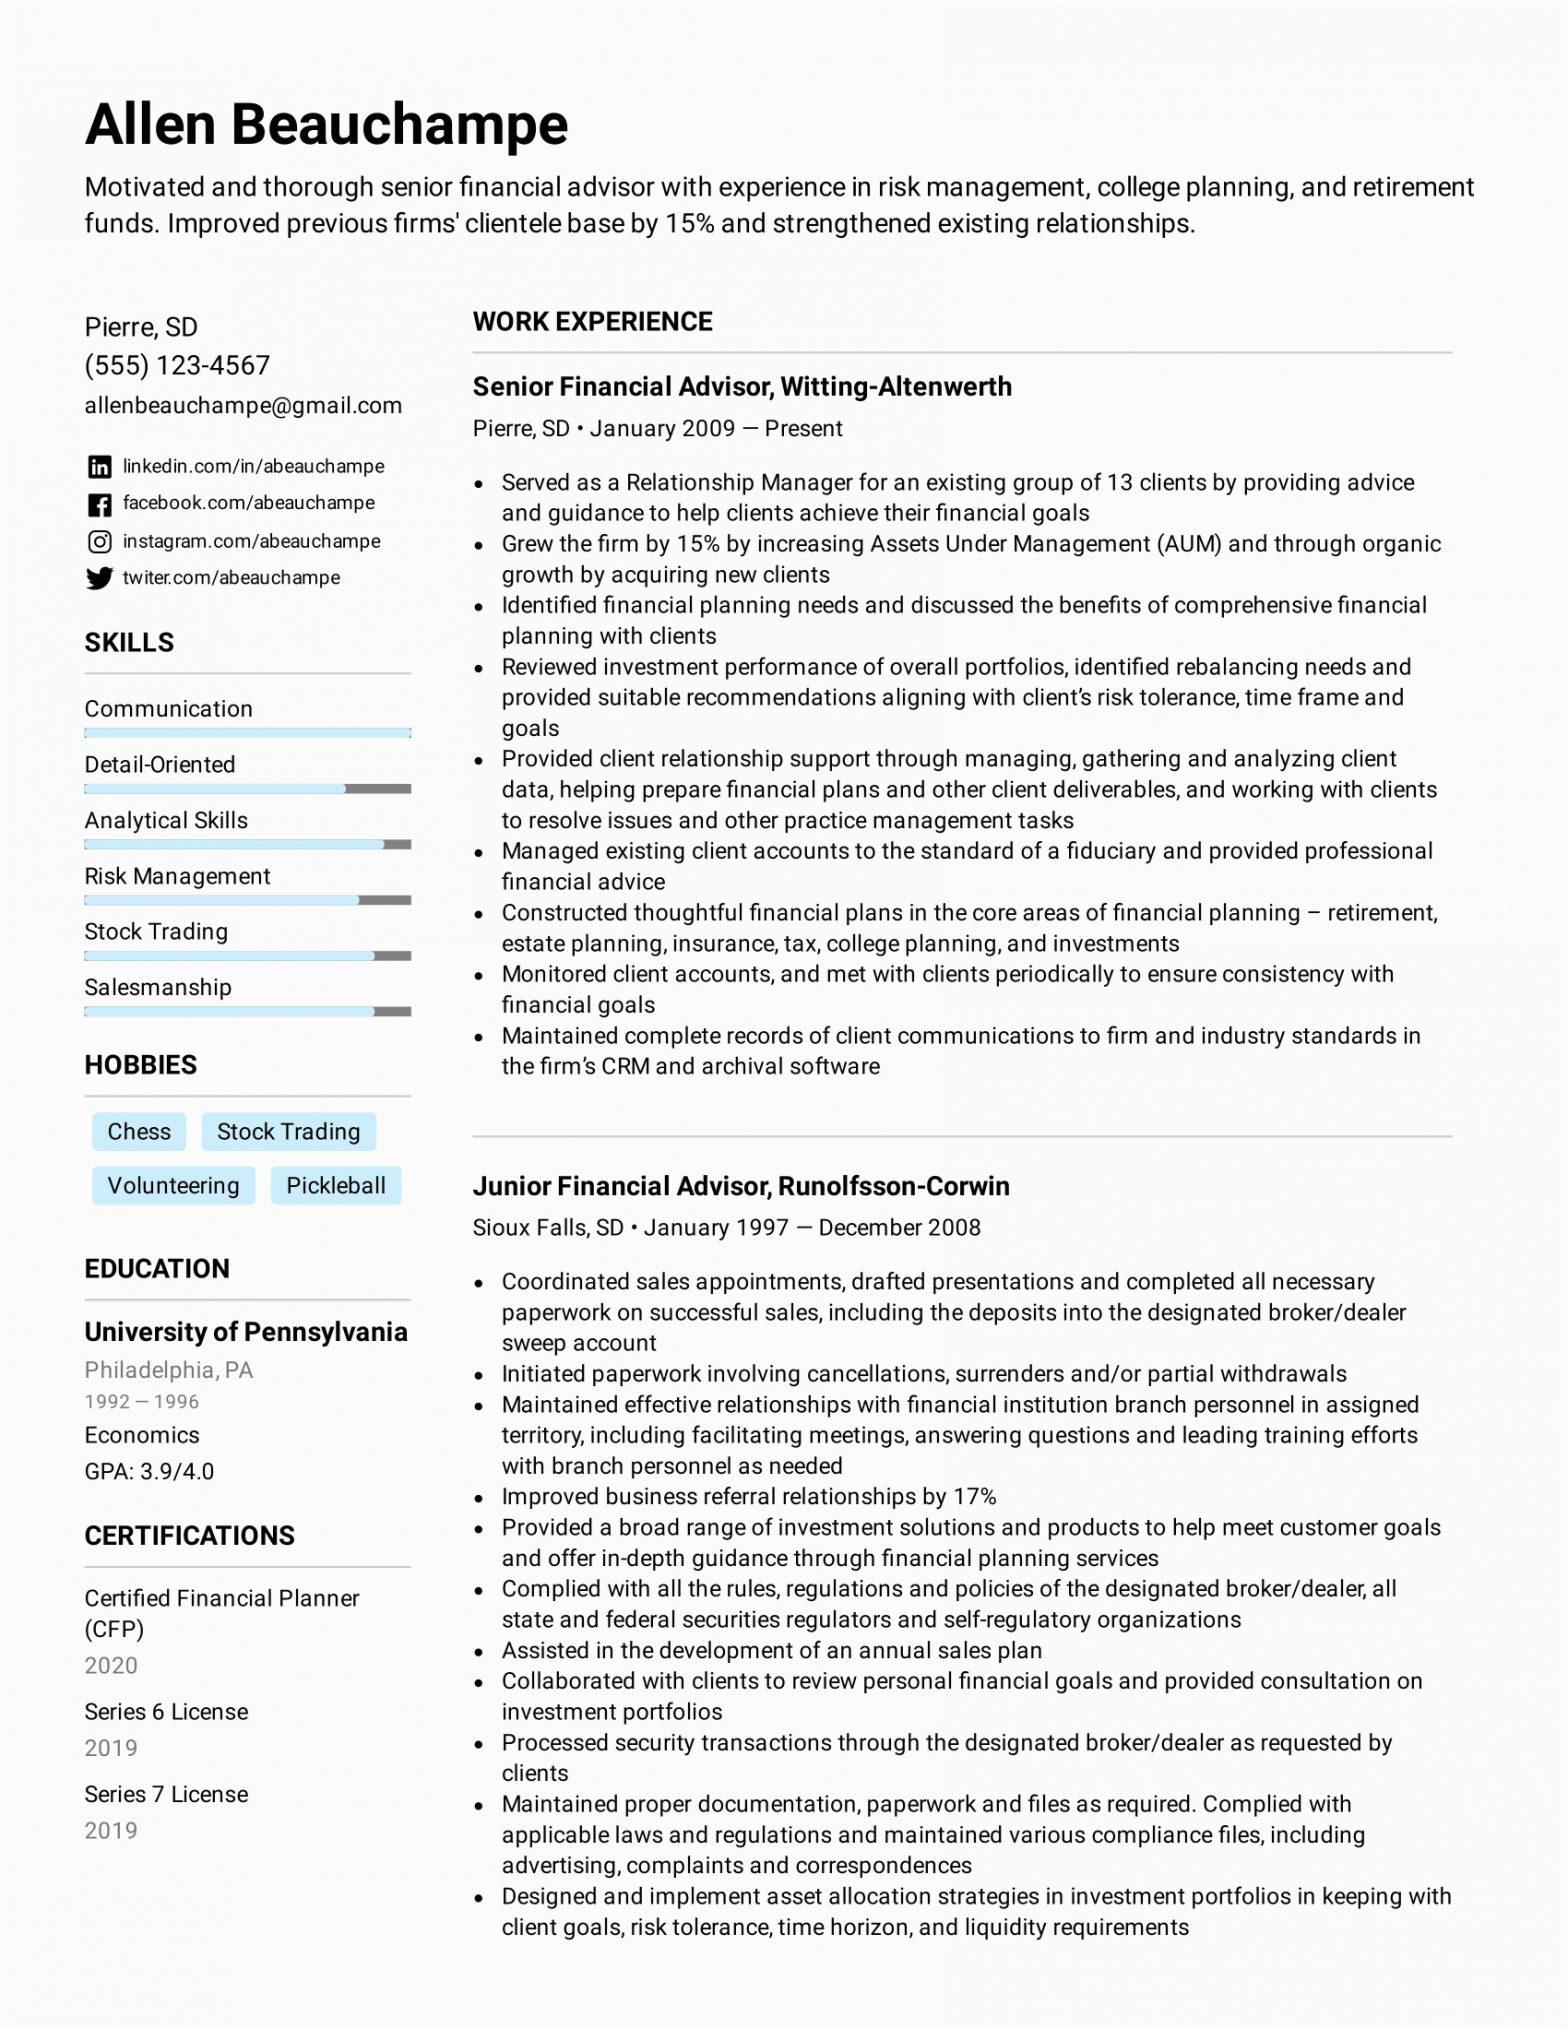 Sample Resume for Financial Advisor Position Financial Advisor Resume Example & Writing Tips for 2021